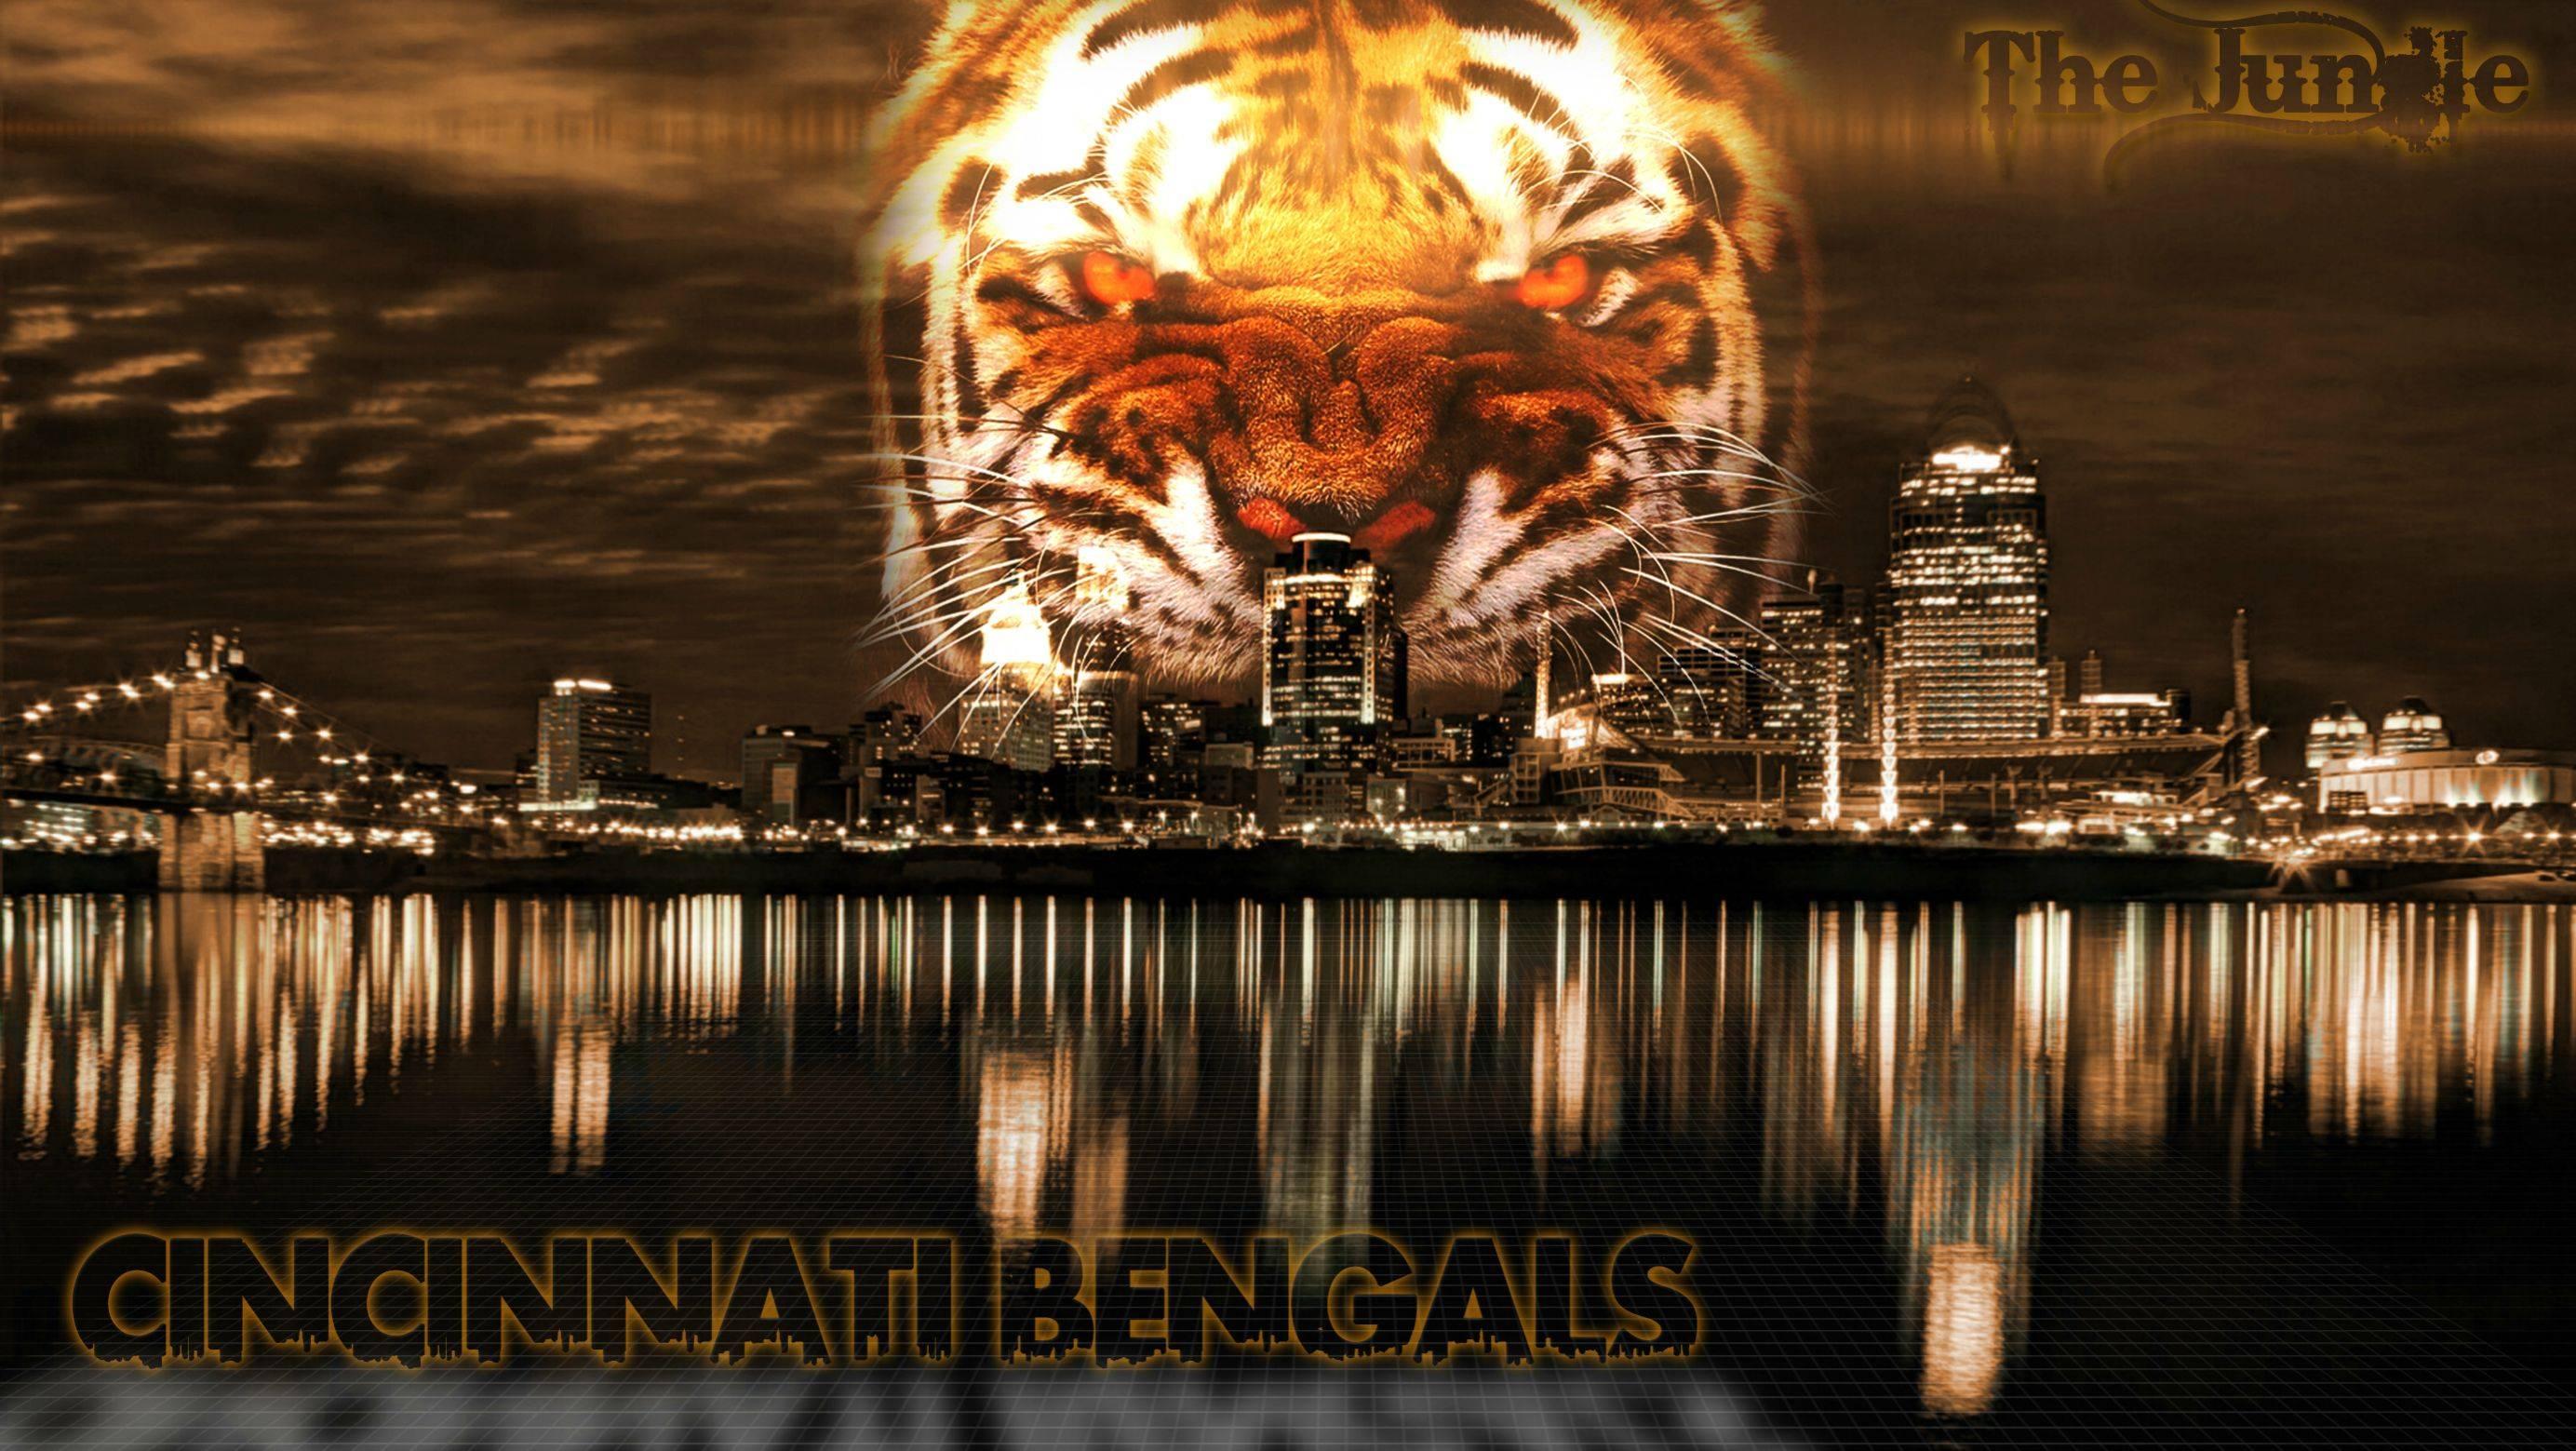 Cincinnati Bengals Hd Wallpaper Download Free Cincinnati Bengals Backgrounds Pixelstalk Net